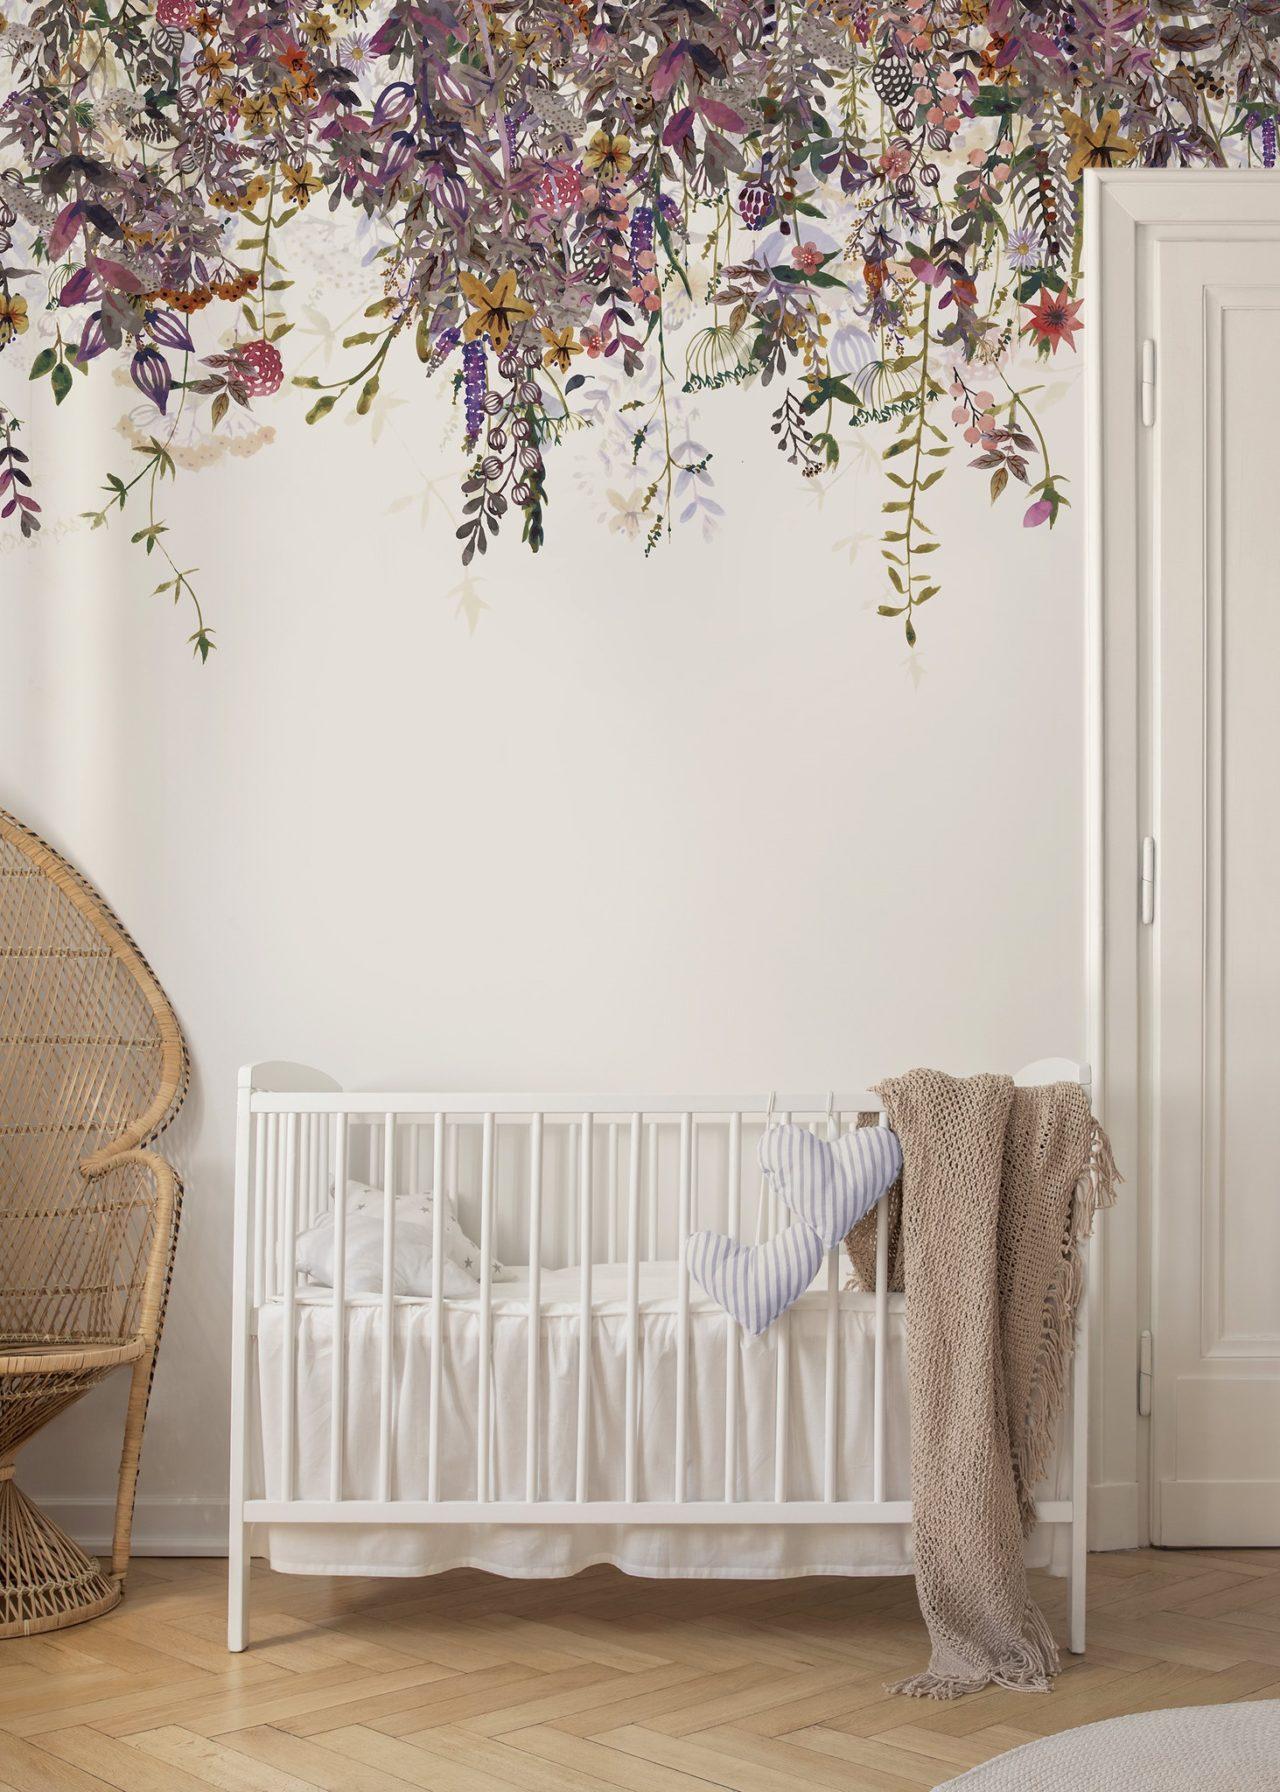 Kinderzimmertapete mit Blumen